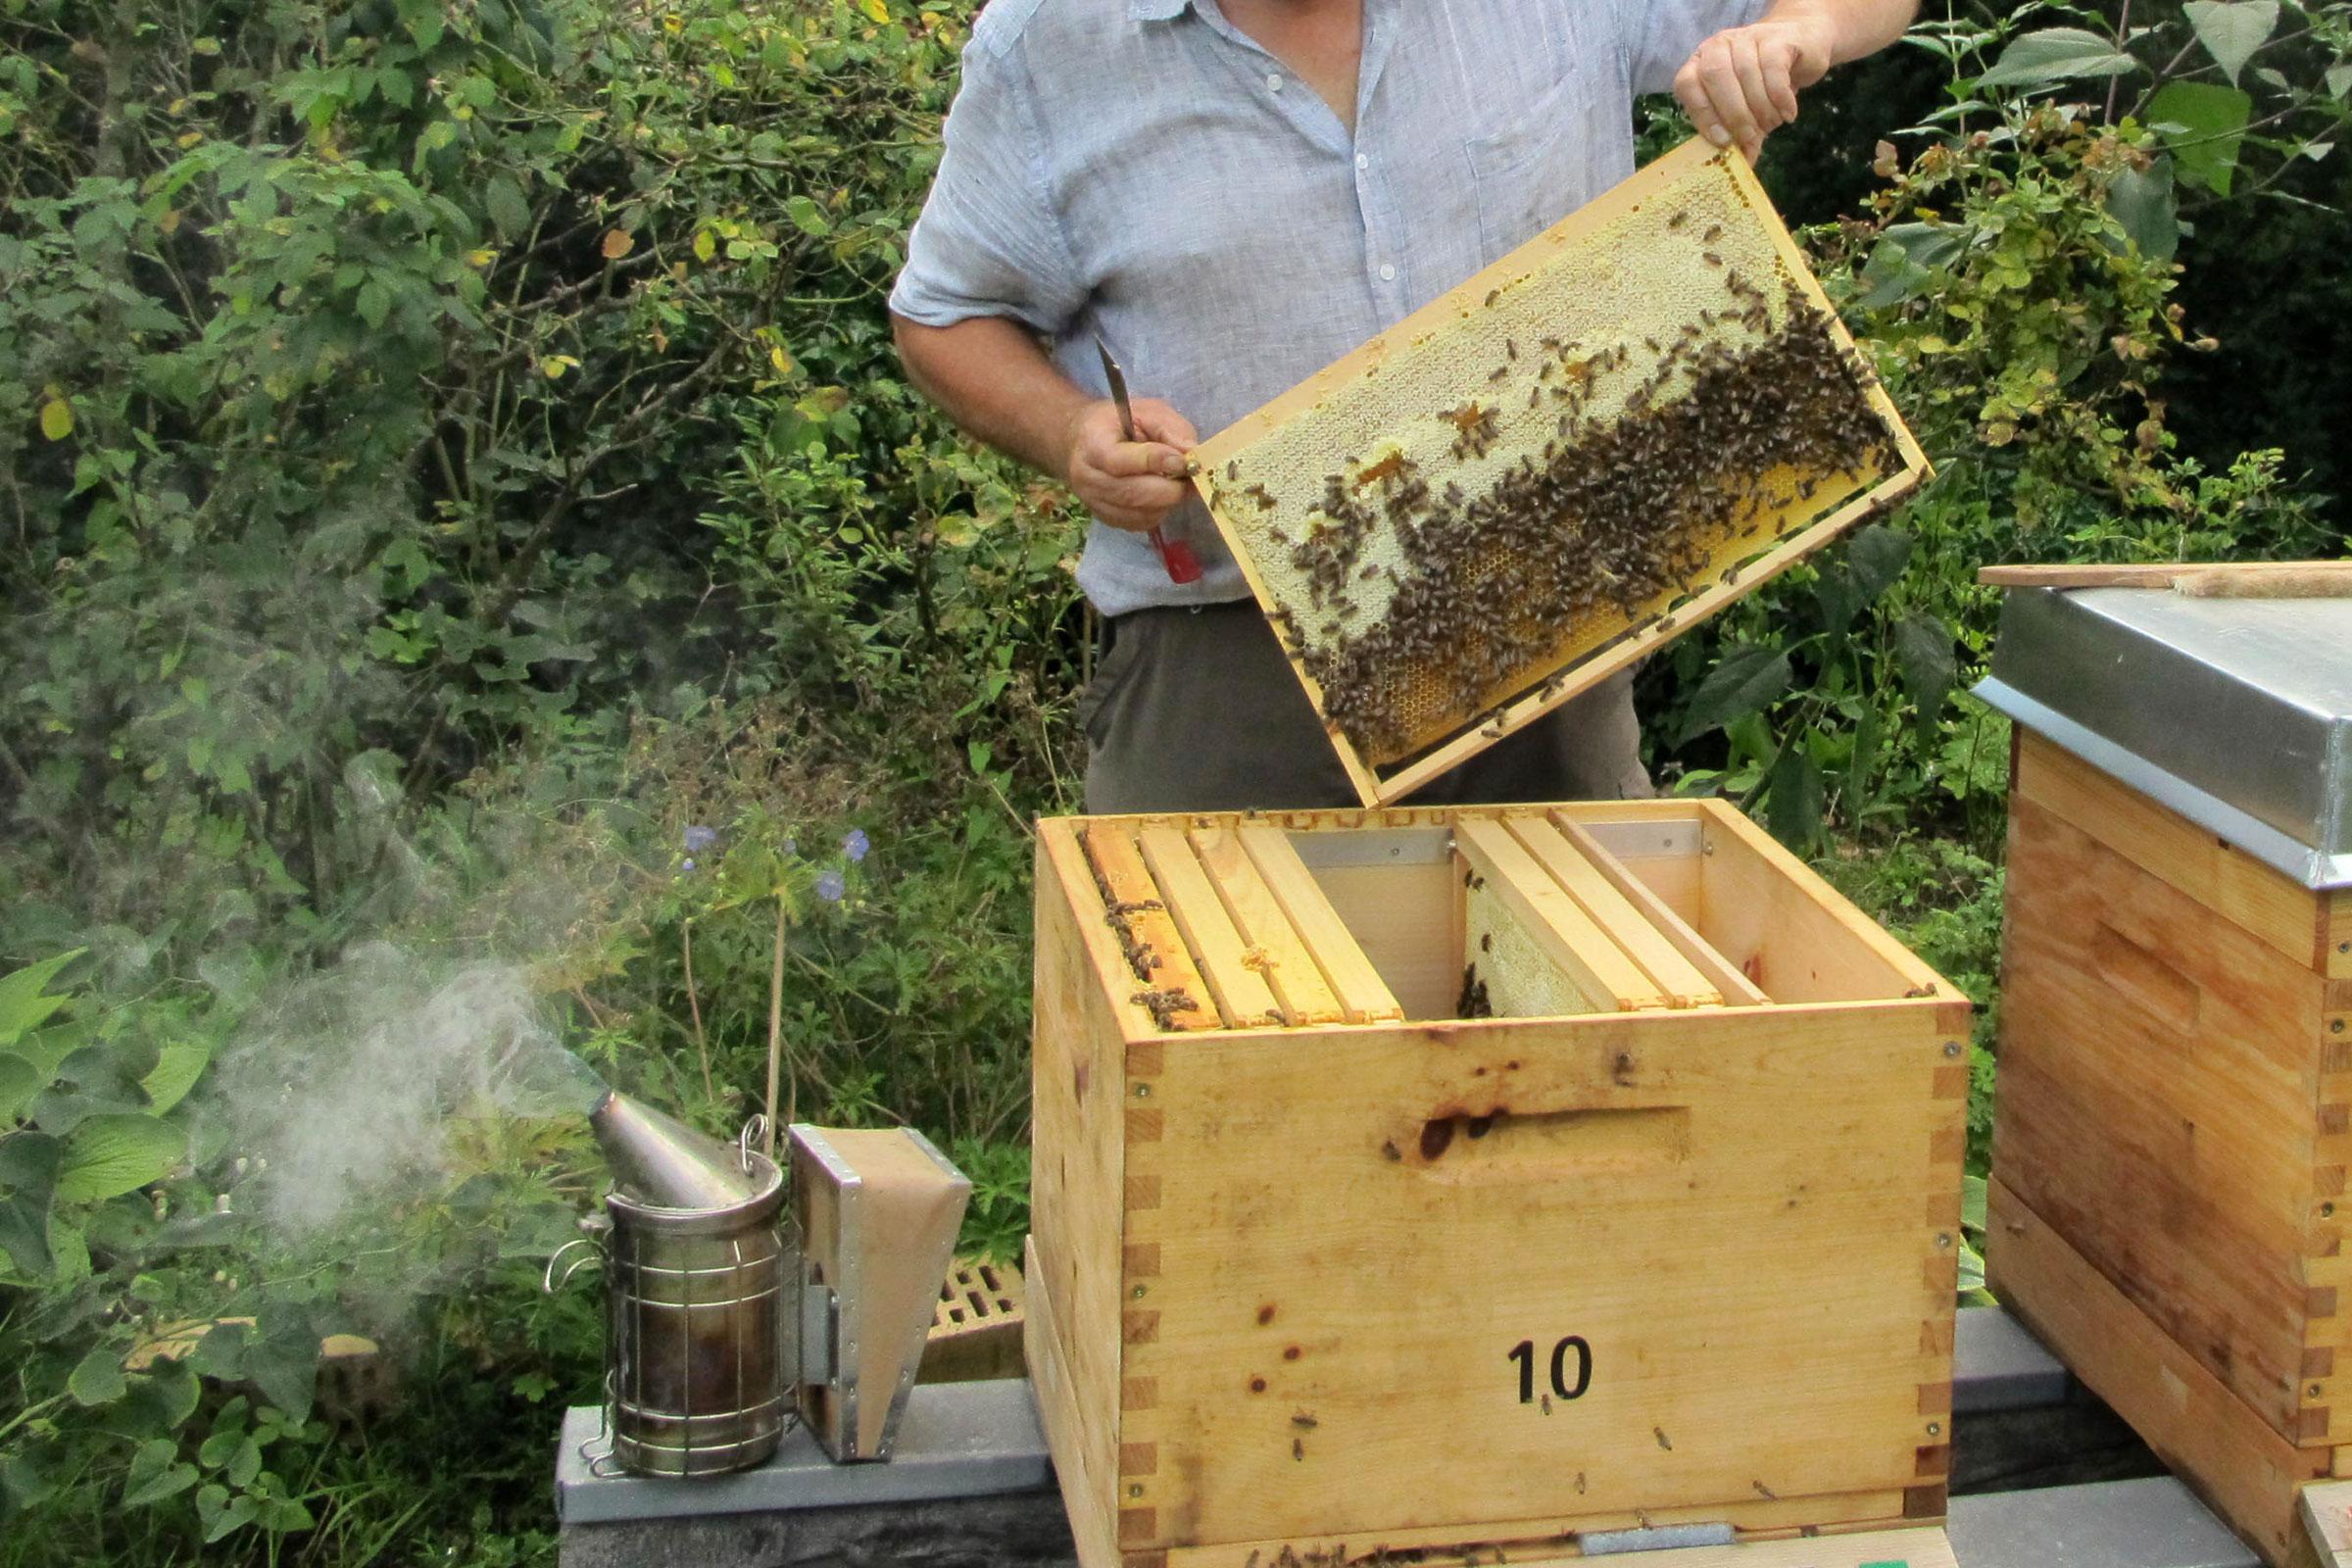 Arbeiten am Bienenstock der Imkerei Bienenhort Suderwich